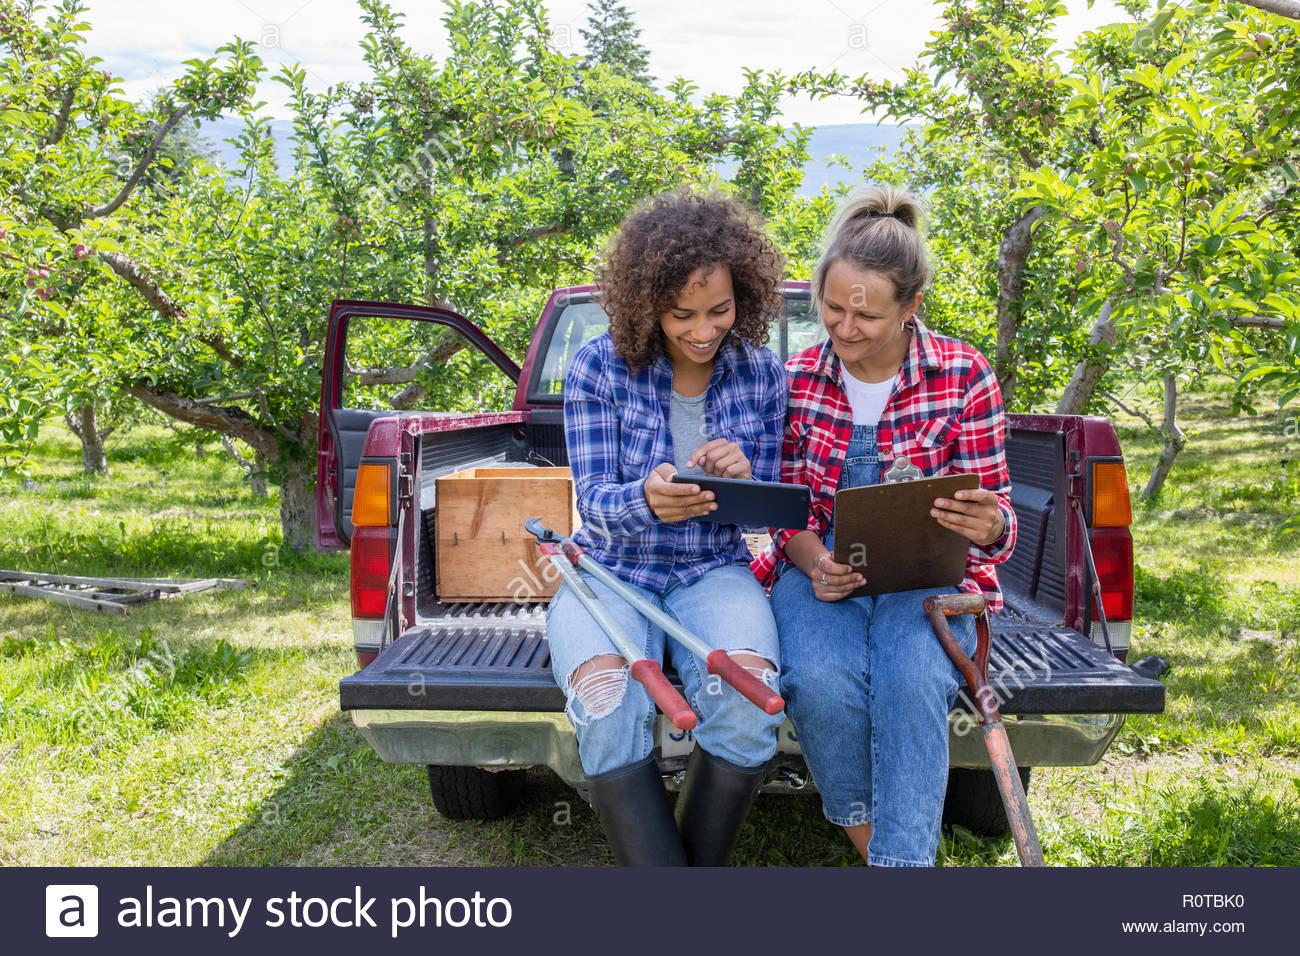 Las agricultoras con la tableta digital y el portapapeles sentado en la parte trasera de la carretilla en huerto Imagen De Stock